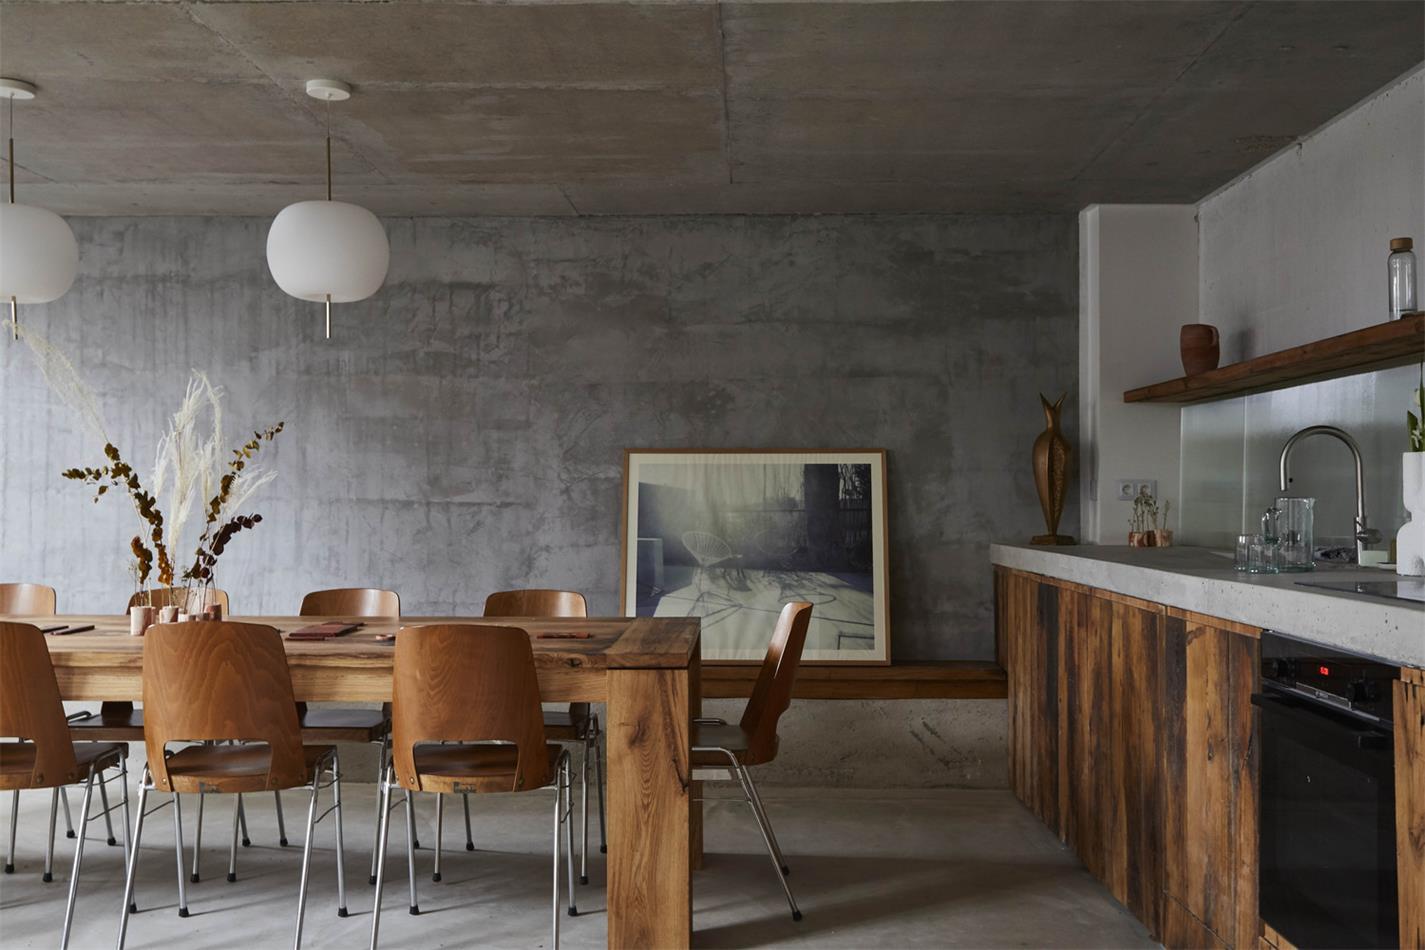 摄影工作室开放式厨房和餐厅设计